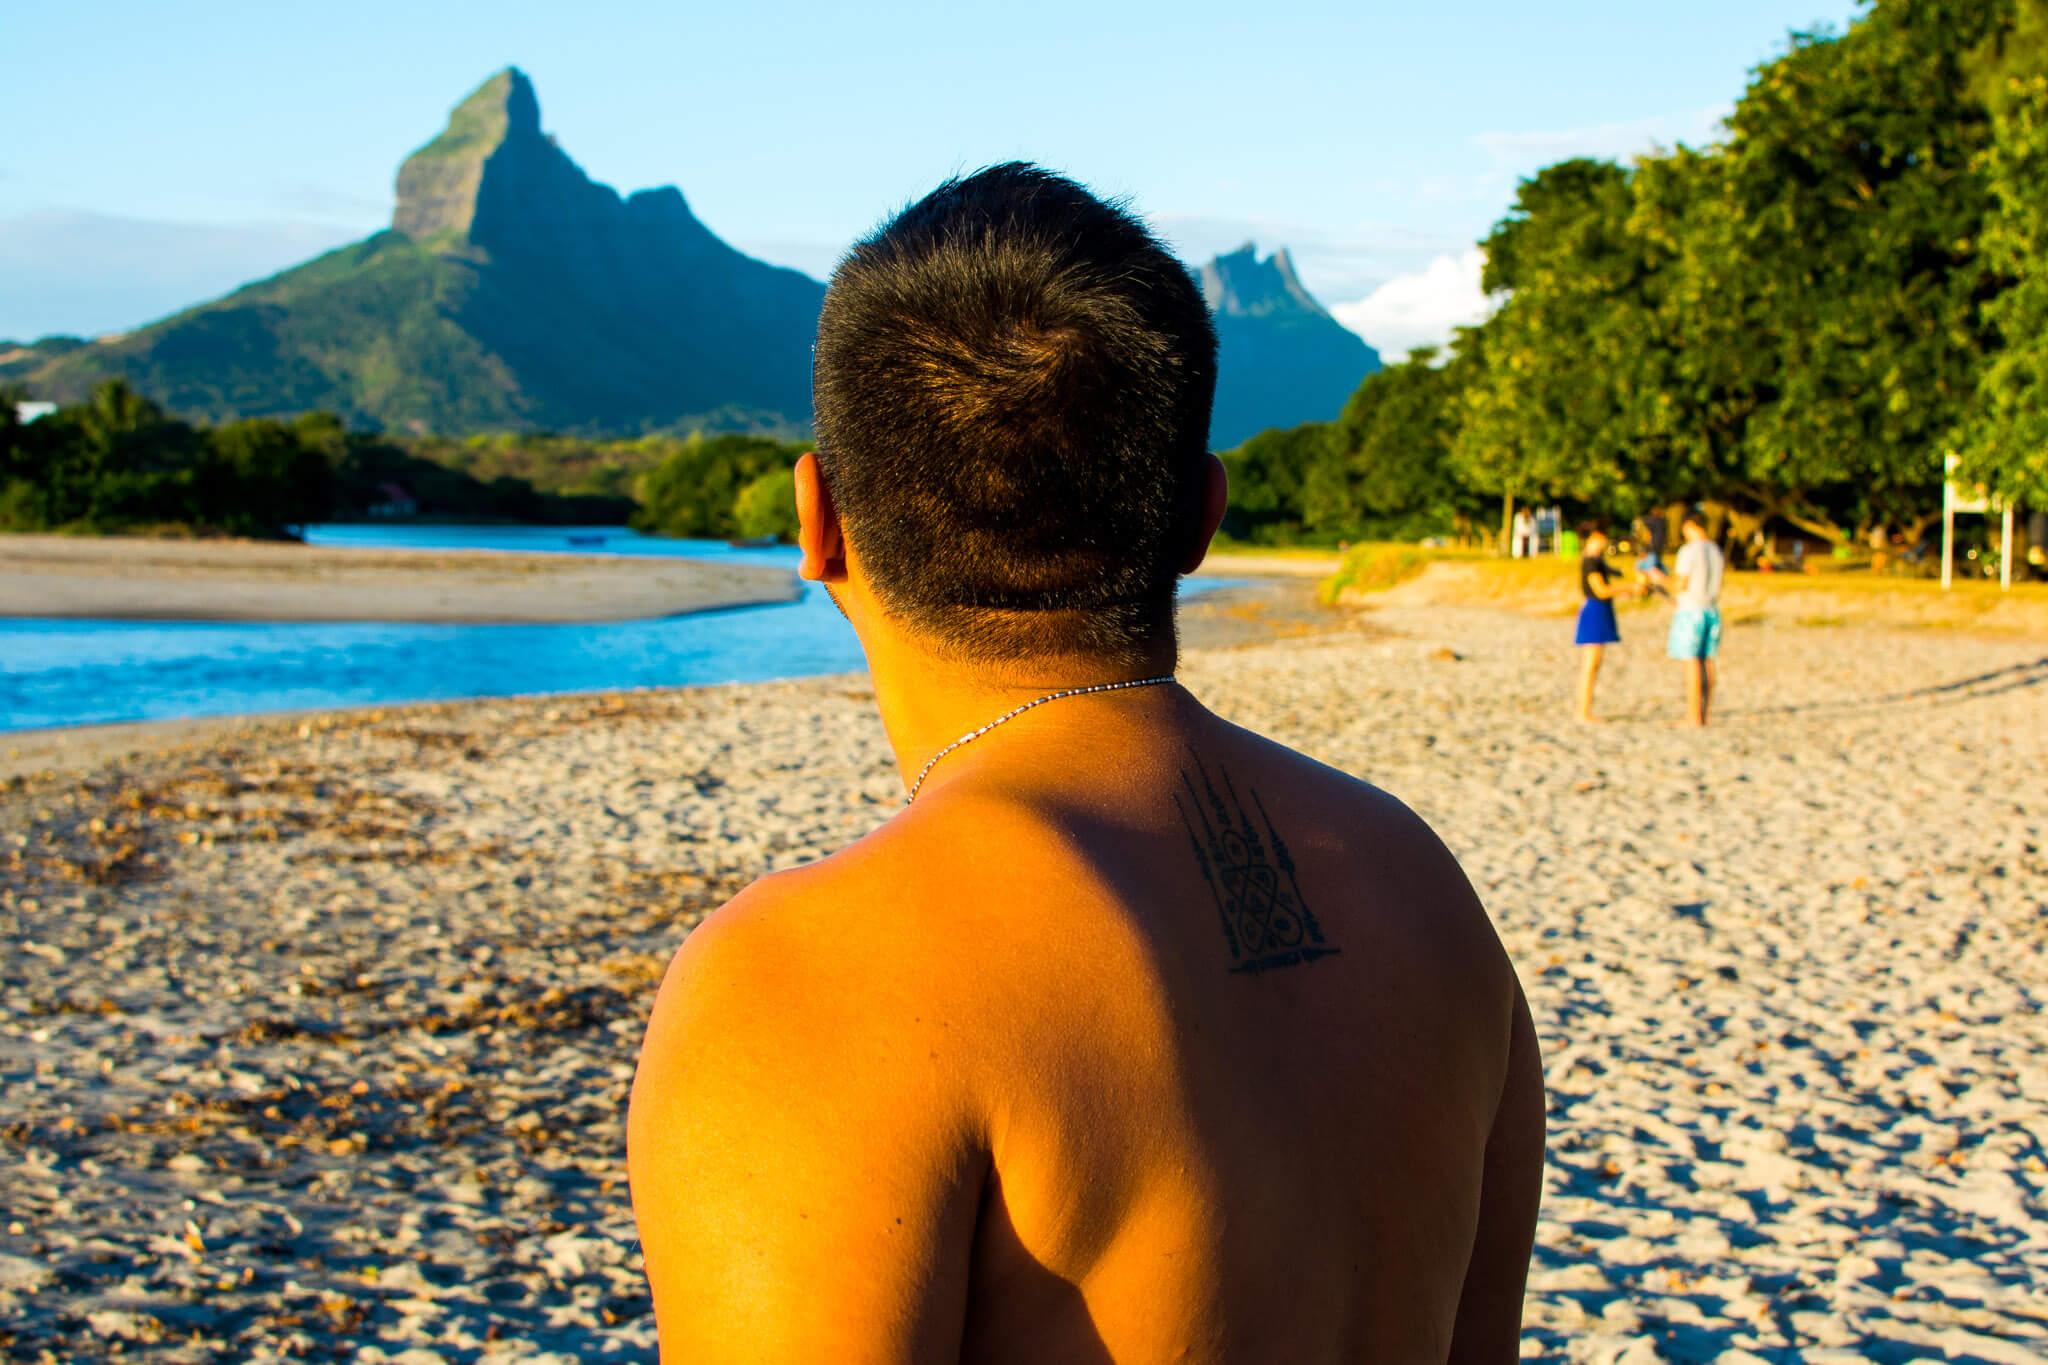 Tamarin beach, a surfer paradise